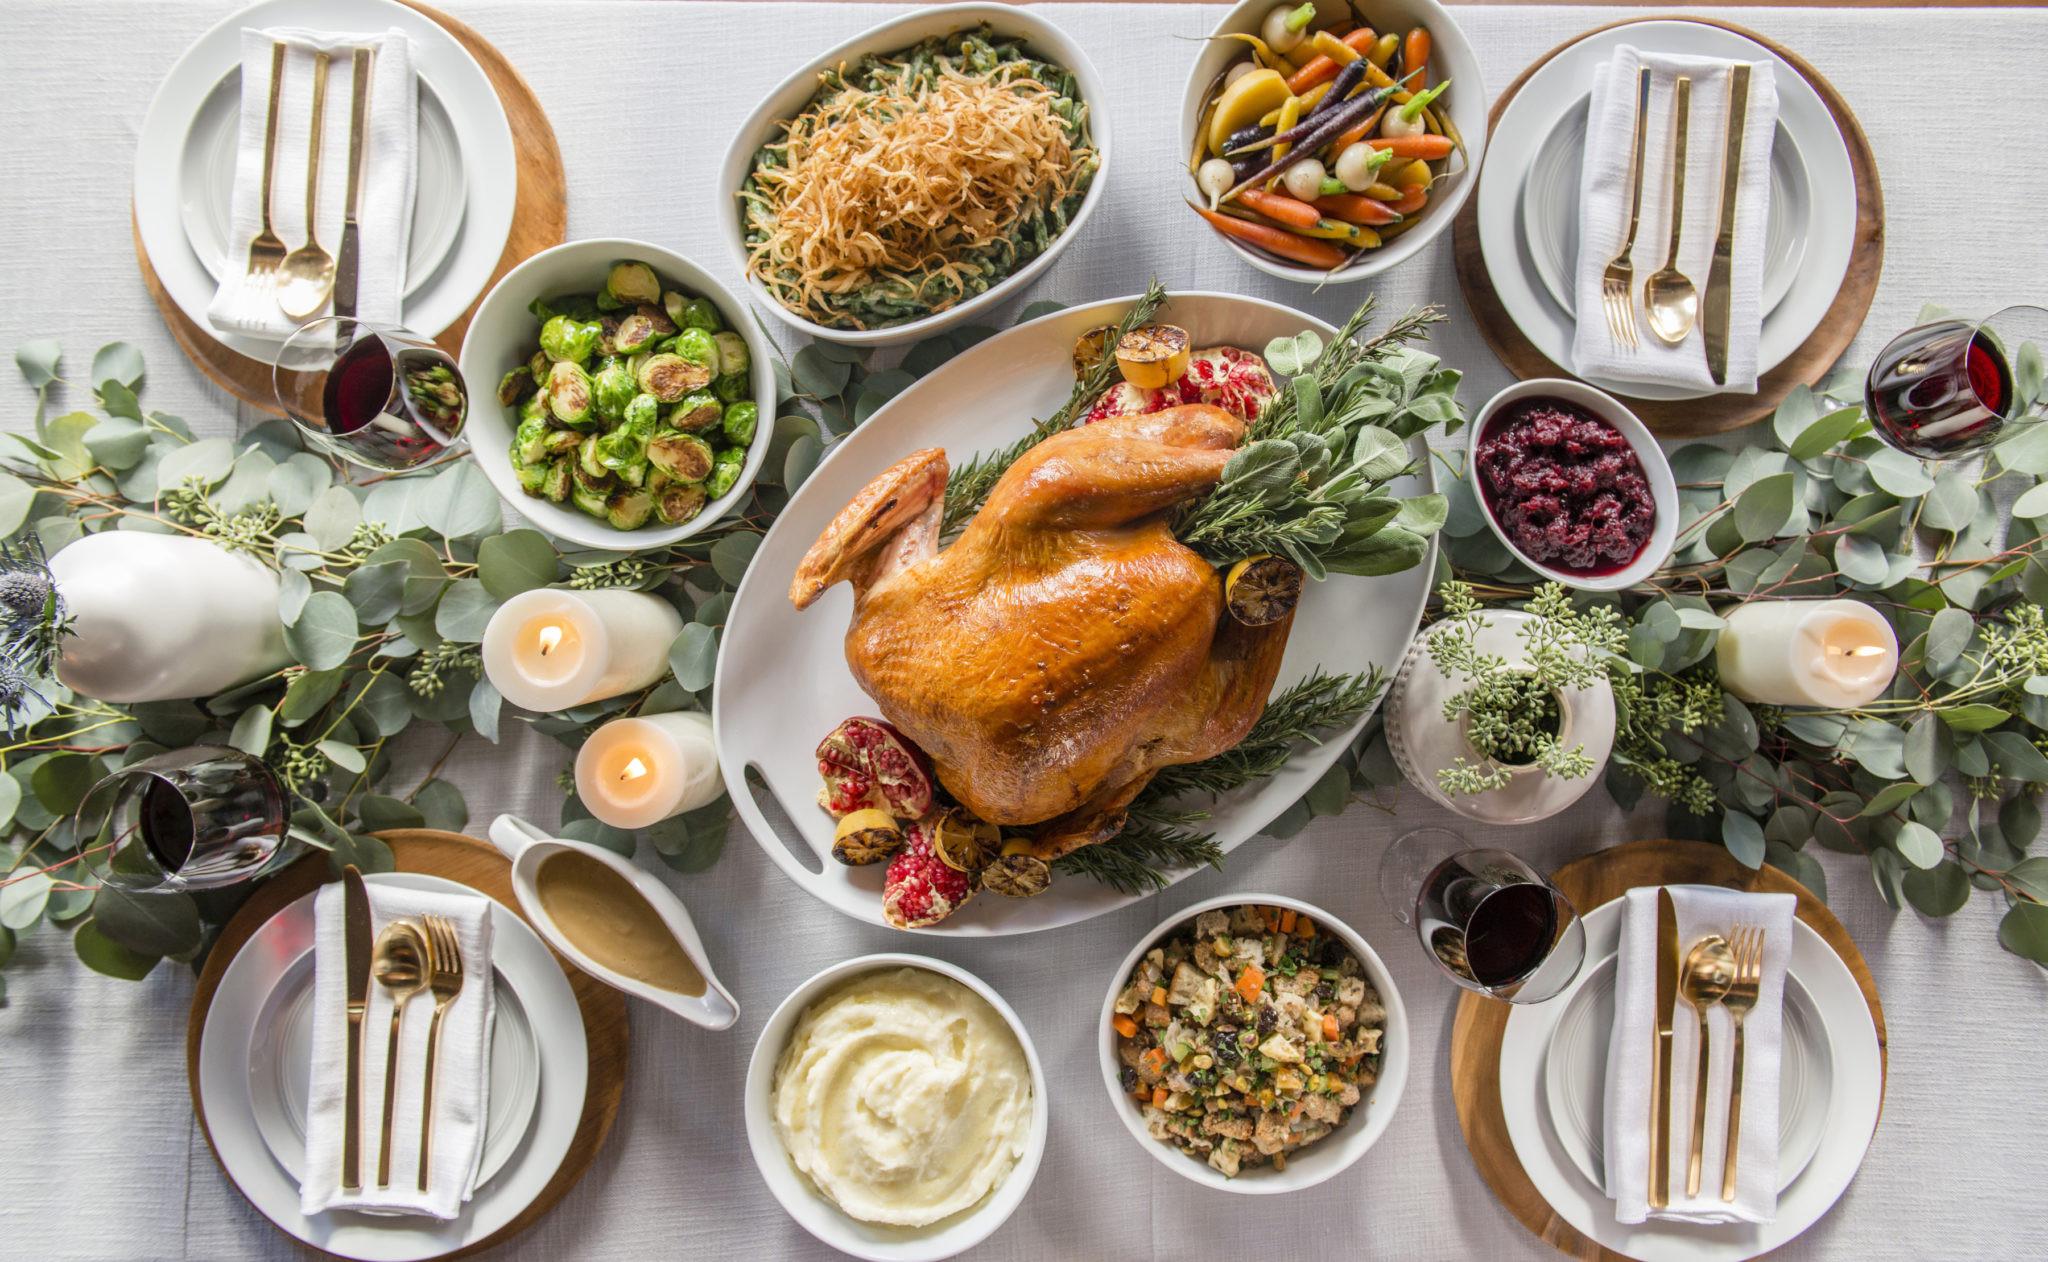 Thanksgiving Dinner Catering  THANKSGIVING DINNER TO GO Sapphire Laguna